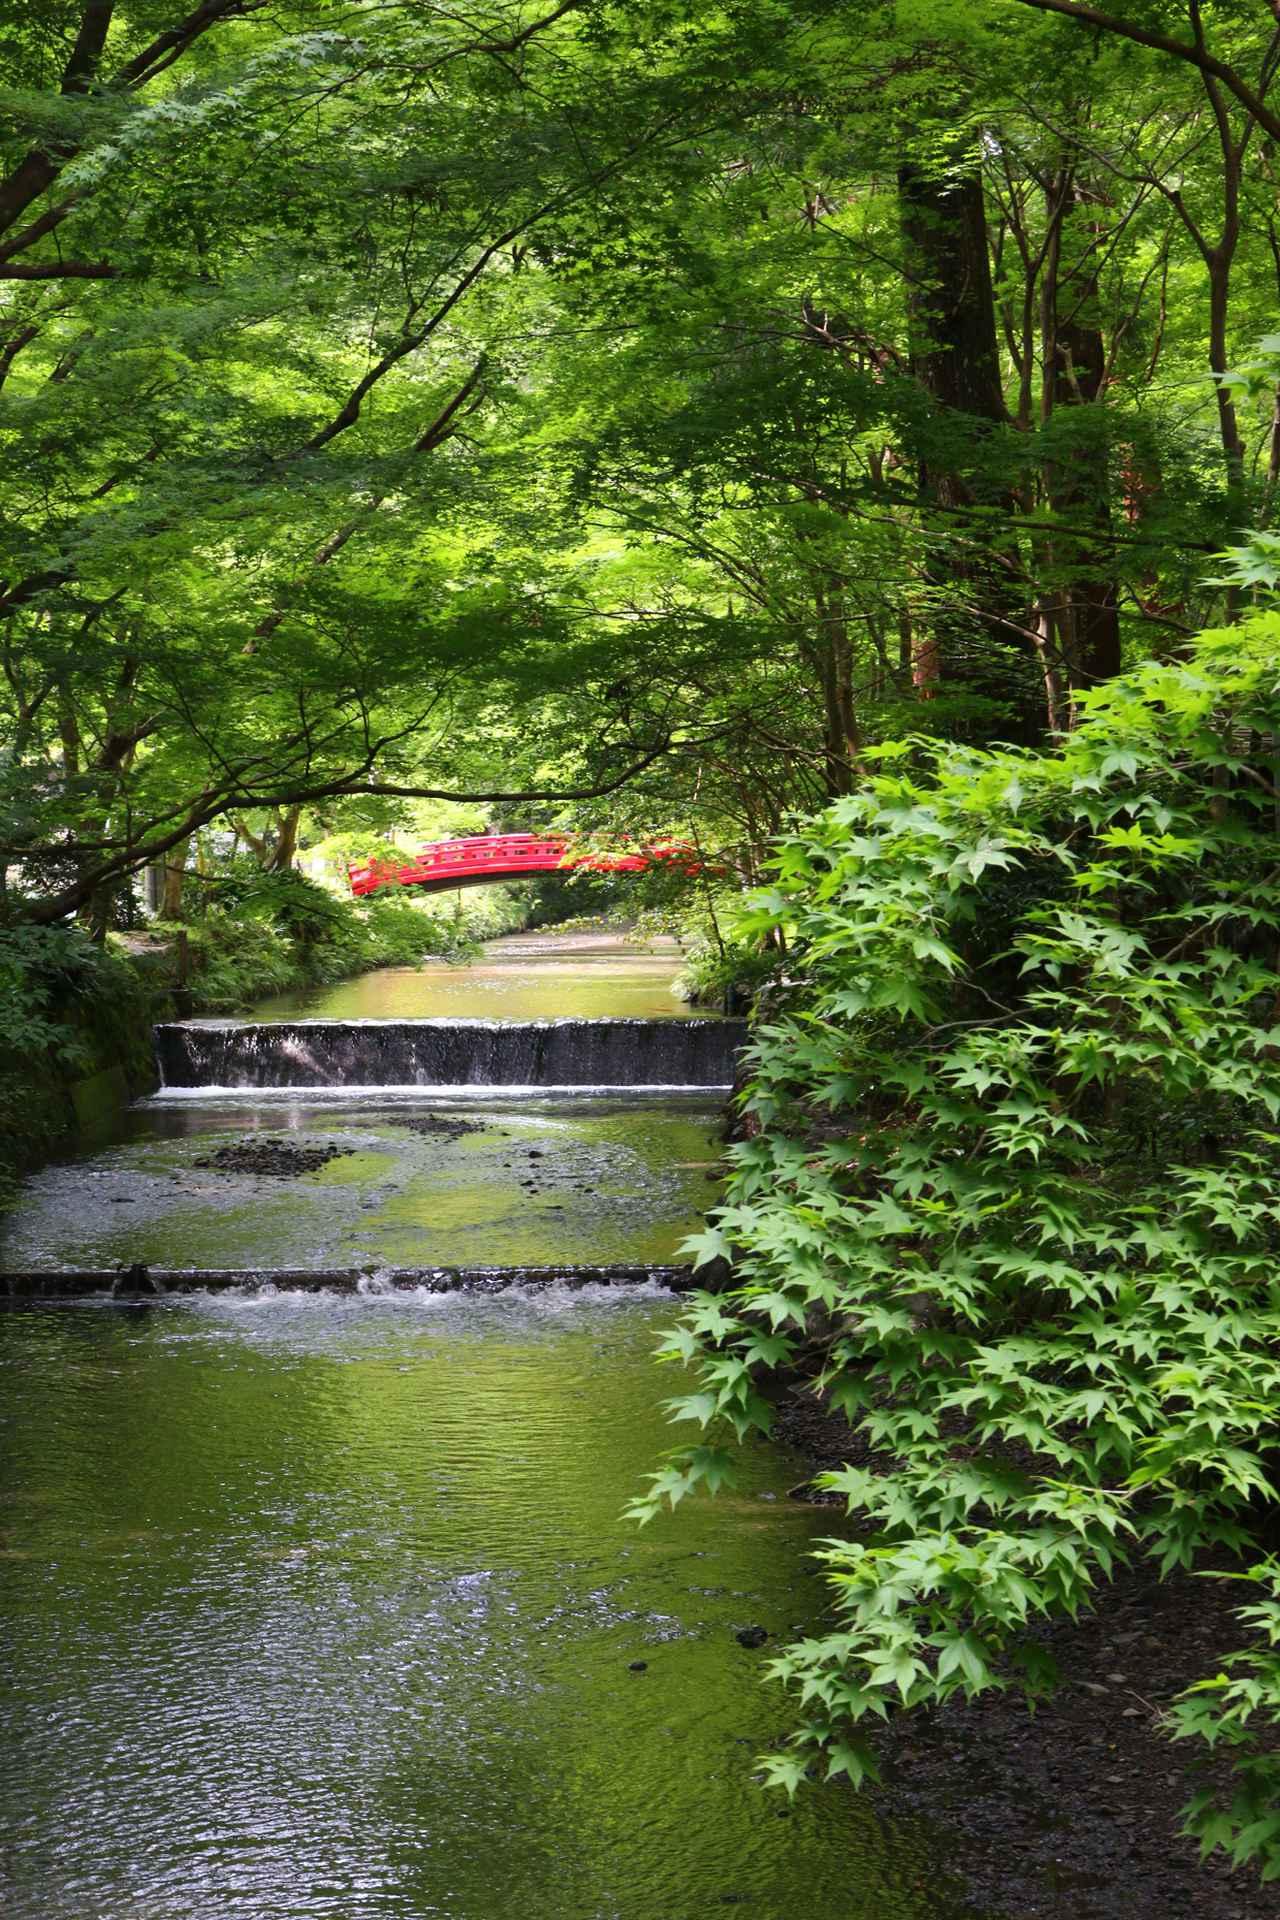 画像: ▲宮川の新緑を望む。ご神域を流れる清流(宮川)に映り込む青葉モミジが眩い。